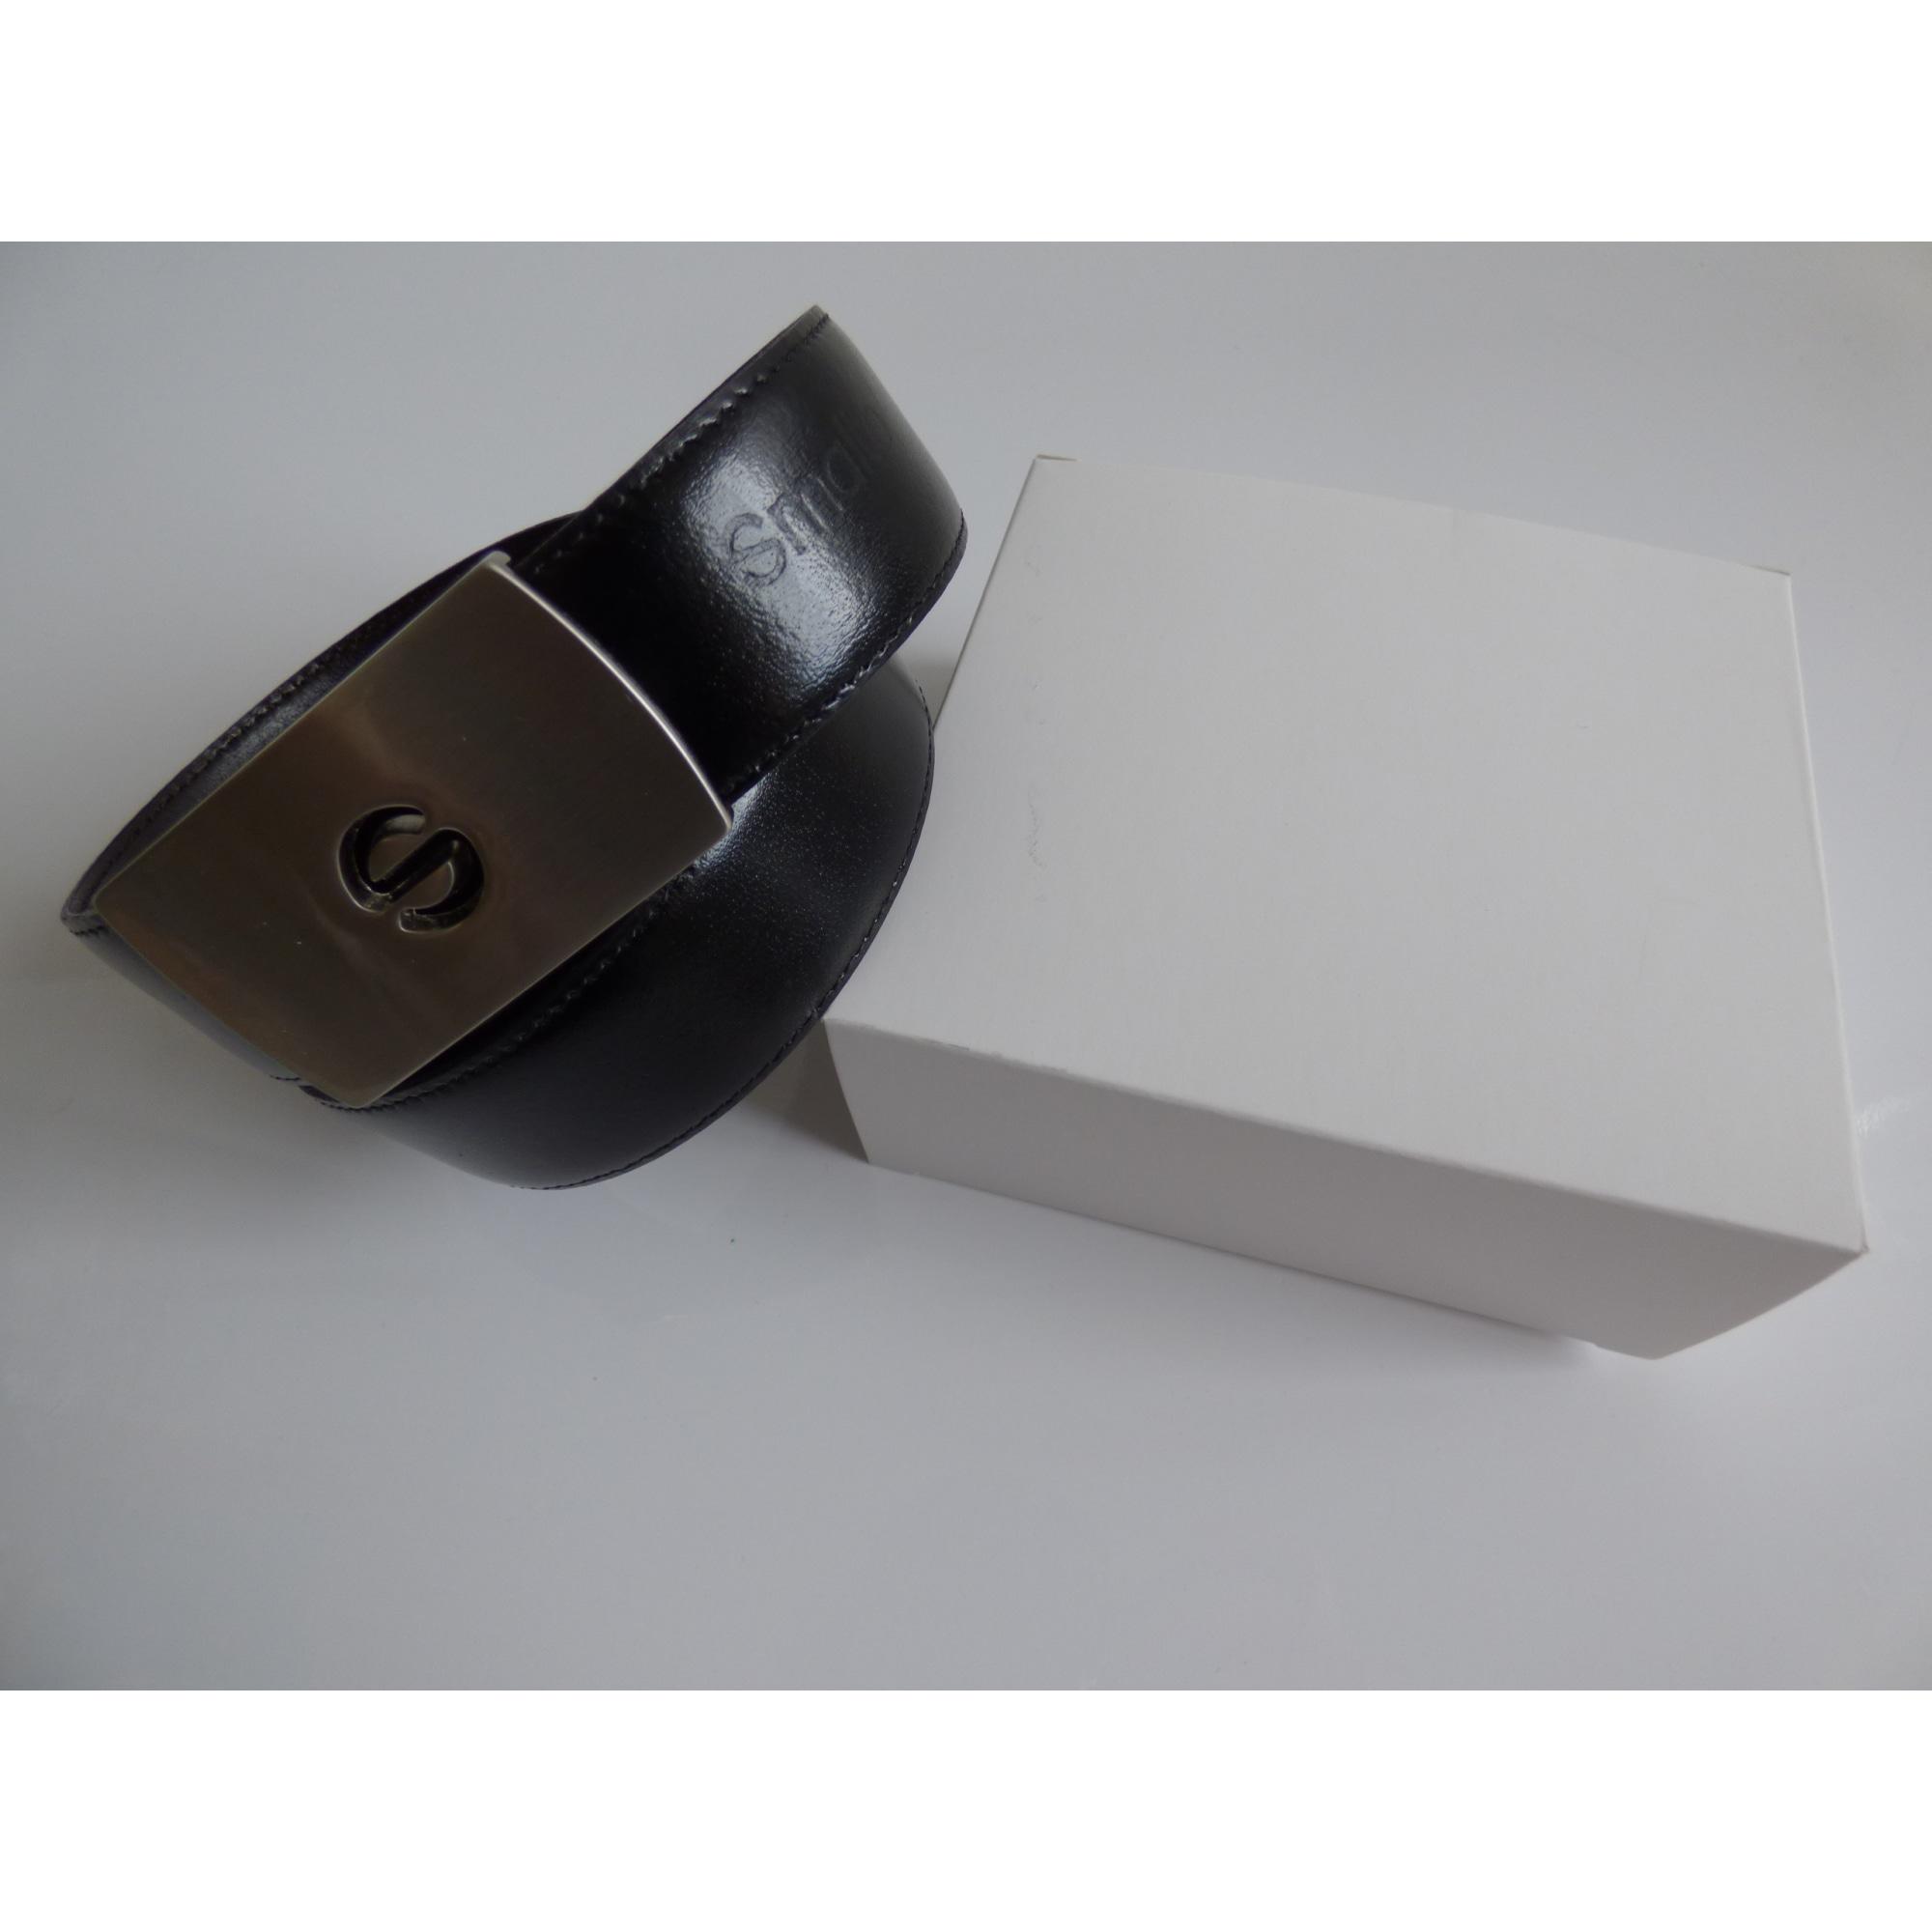 Ceinture FRANCESCO SMALTO Taille unique noir vendu par Philippe ... 6556574dd90